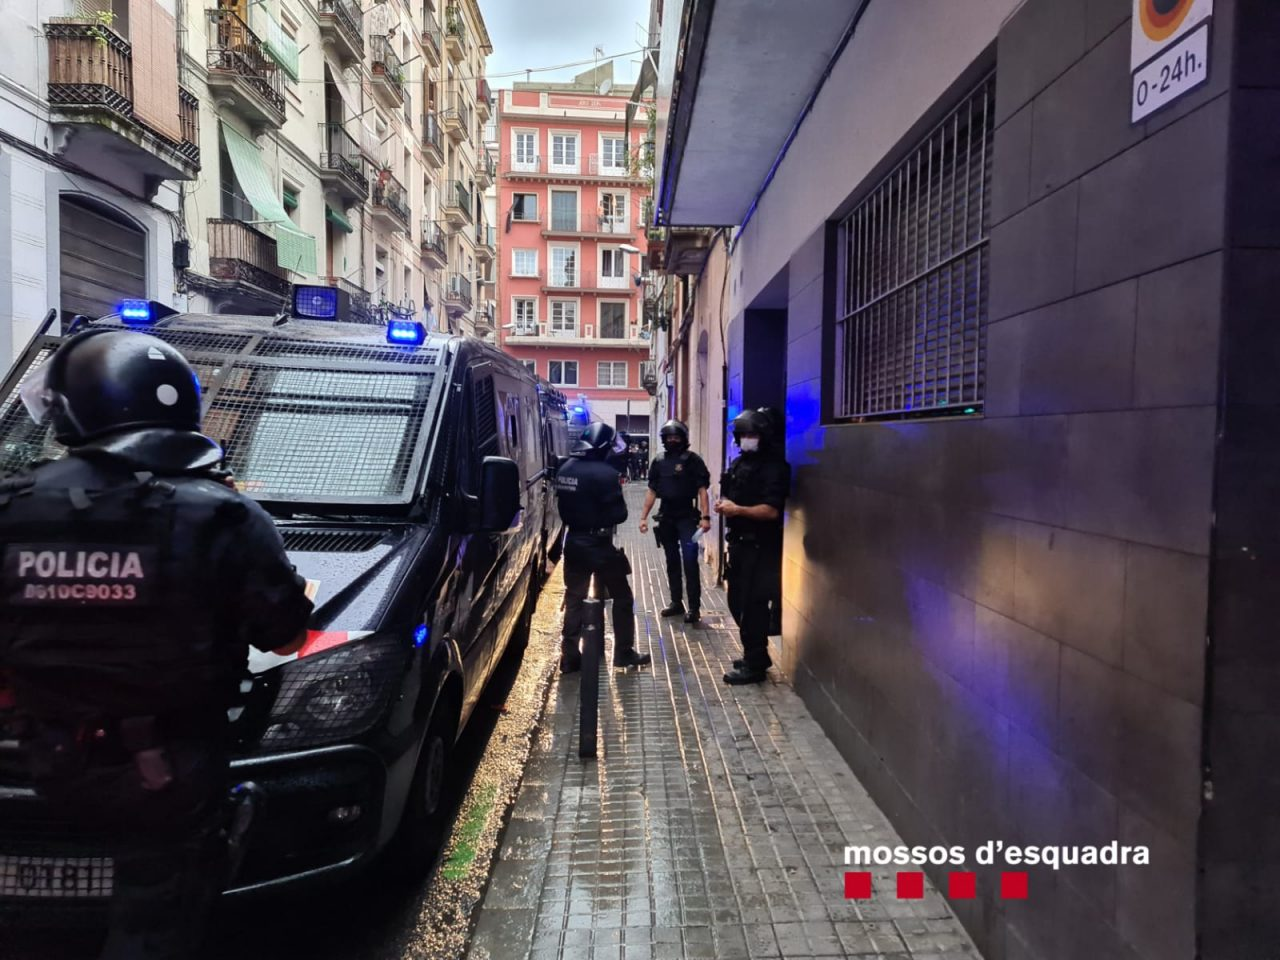 dispositiu-policial-mossos-1280x960.jpg